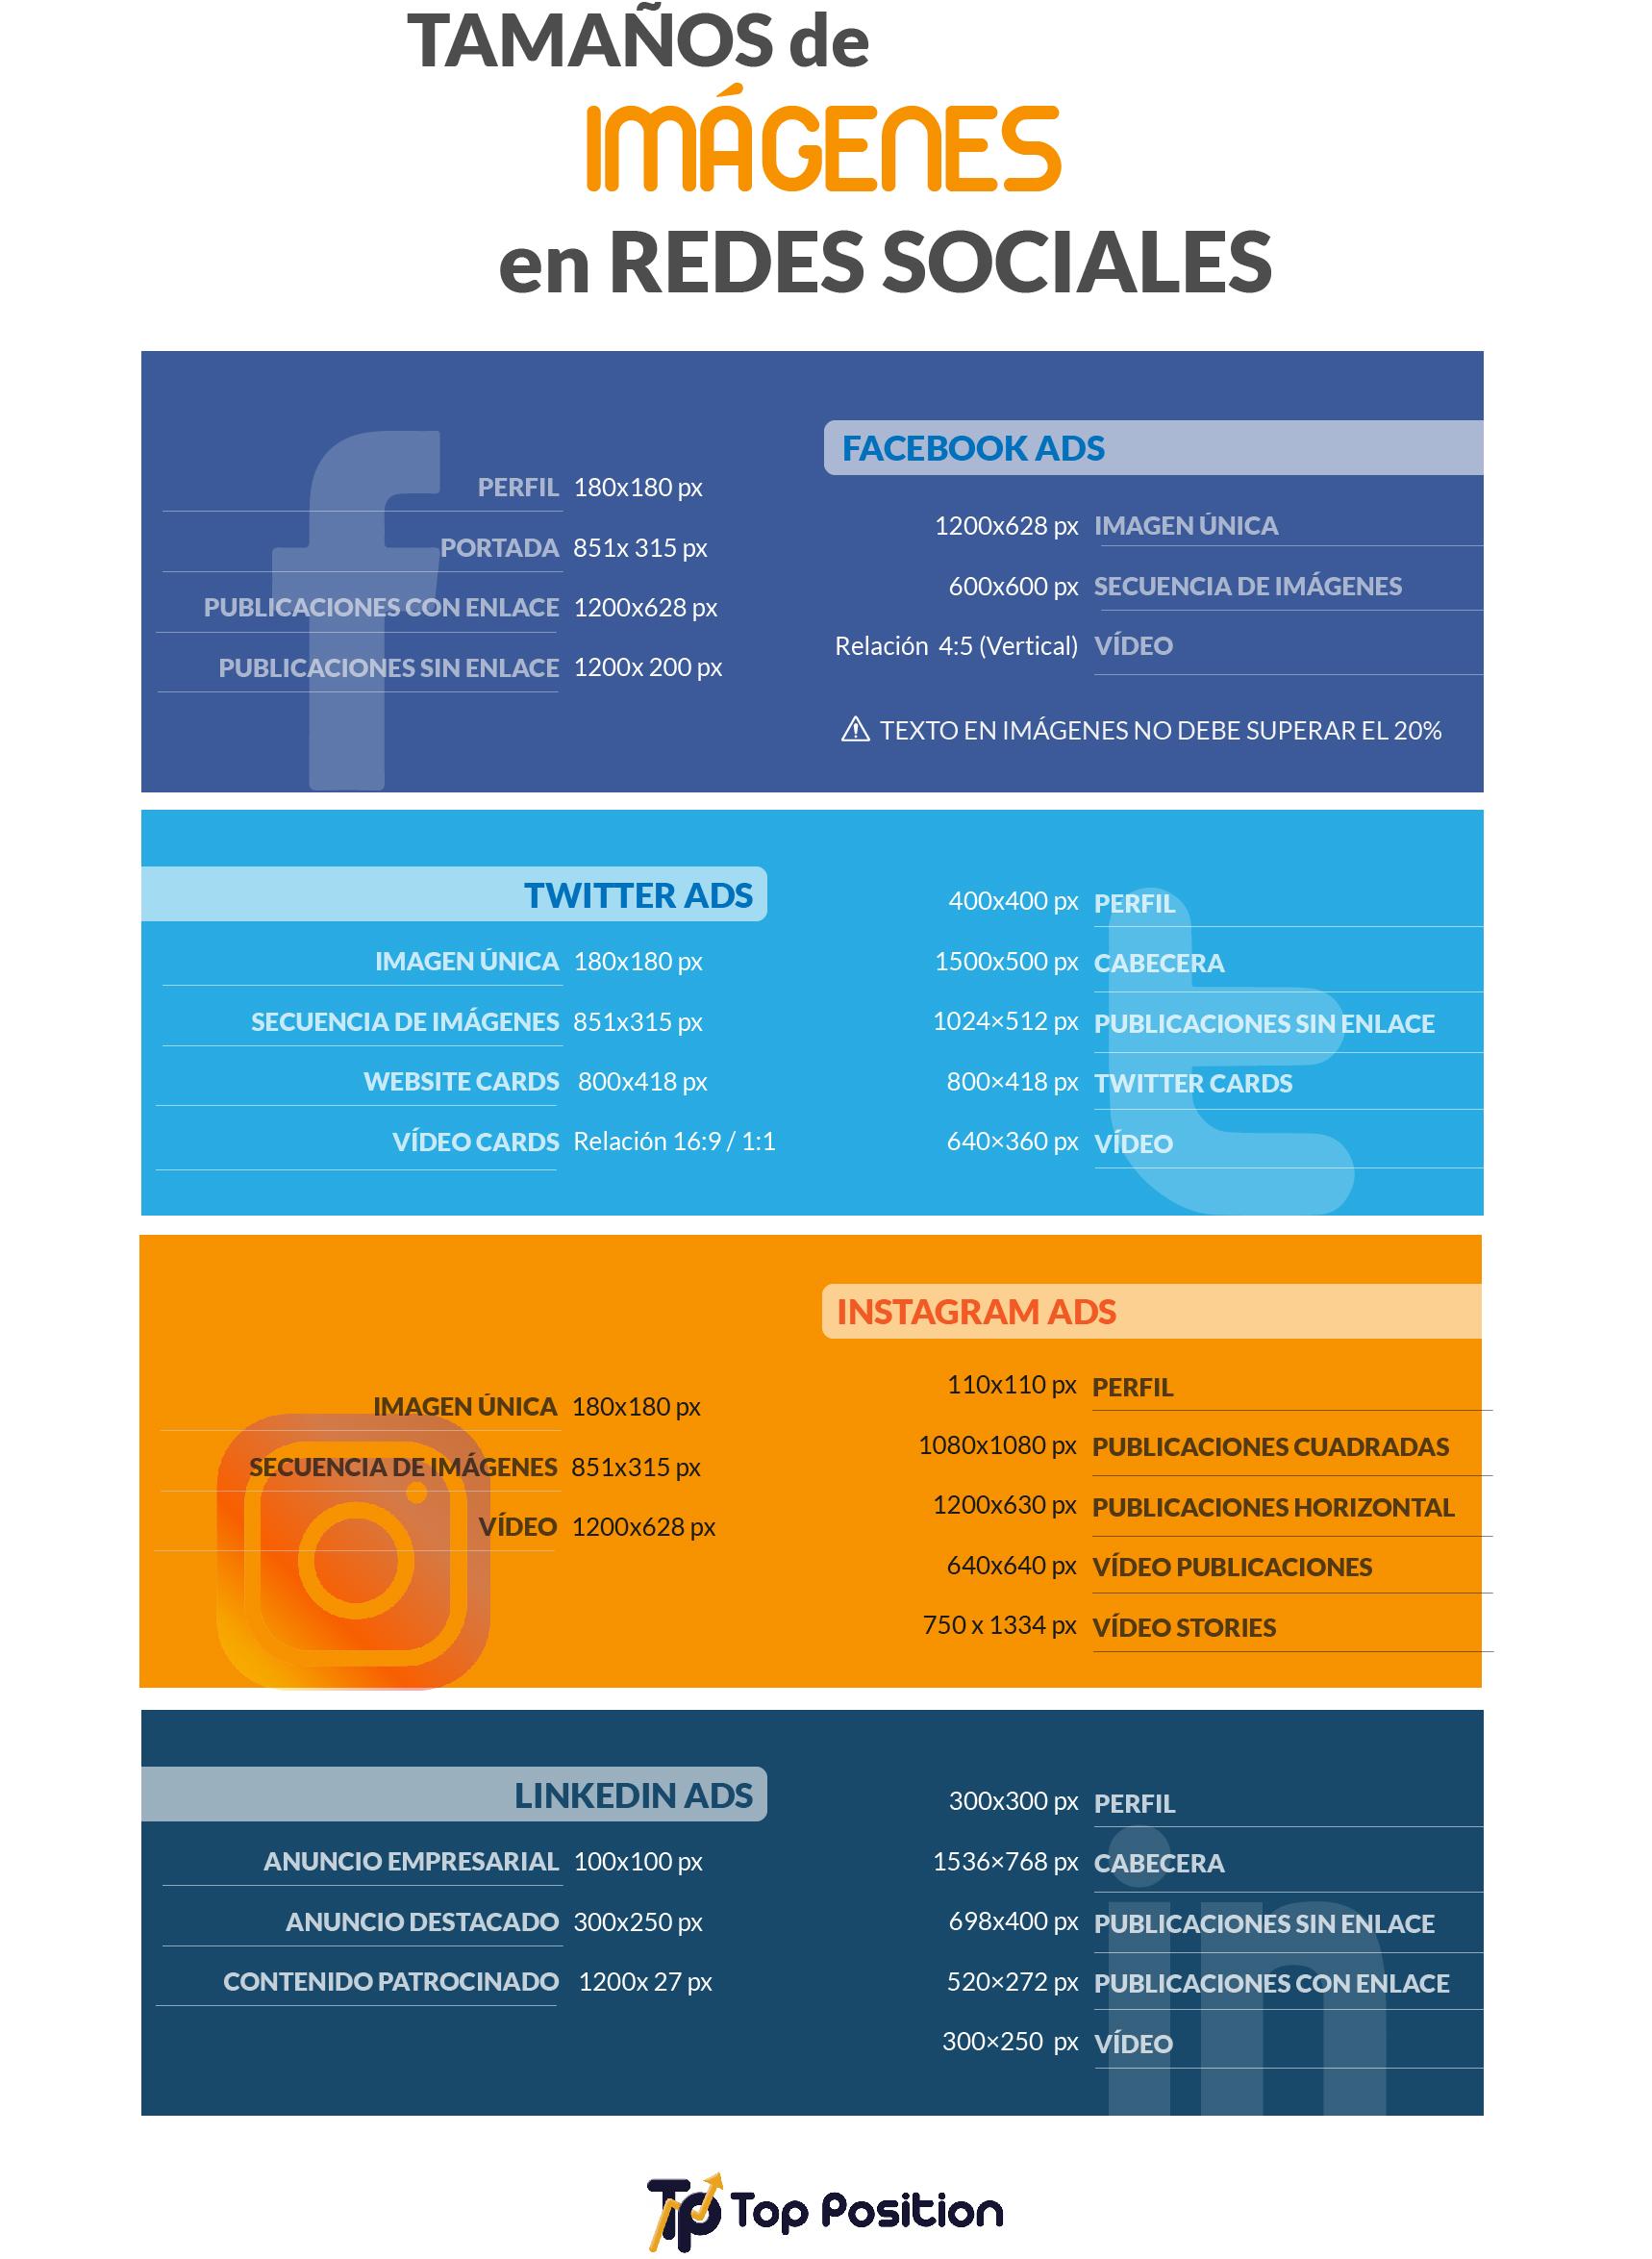 tamaños-imagenes-redes-sociales